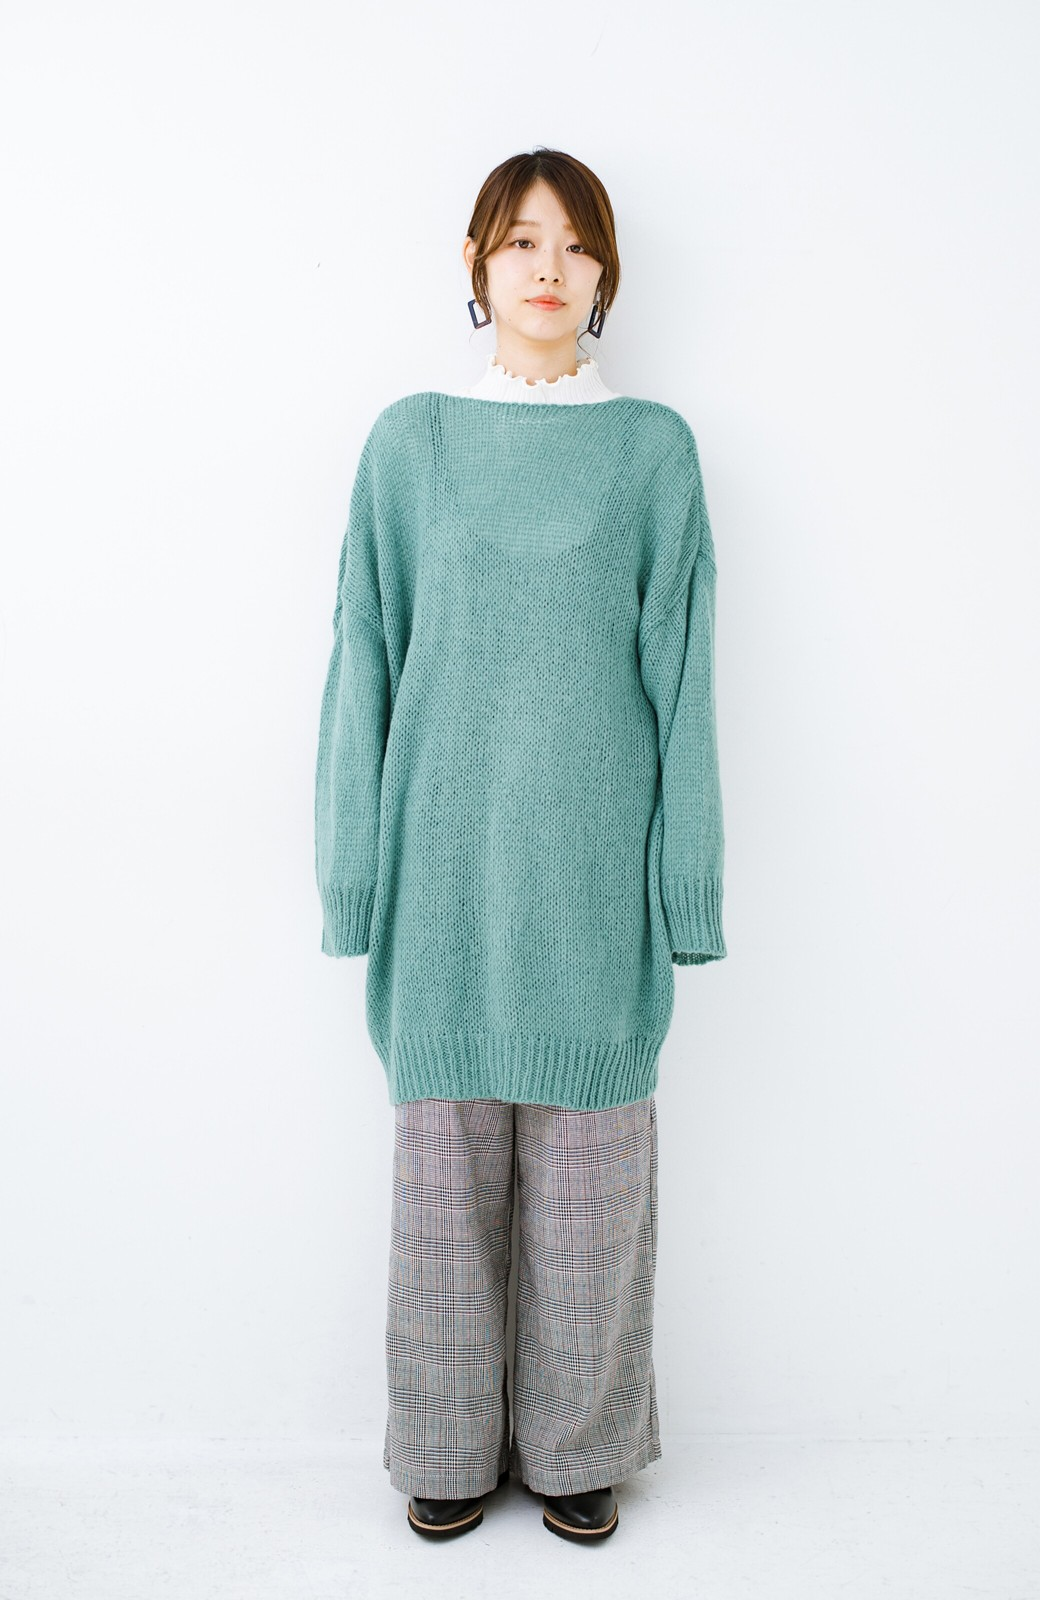 haco! ゆるゆるゆる編みで軽やかにかわいくなれる 前後ろ2WAYカーディガン <ミント>の商品写真9